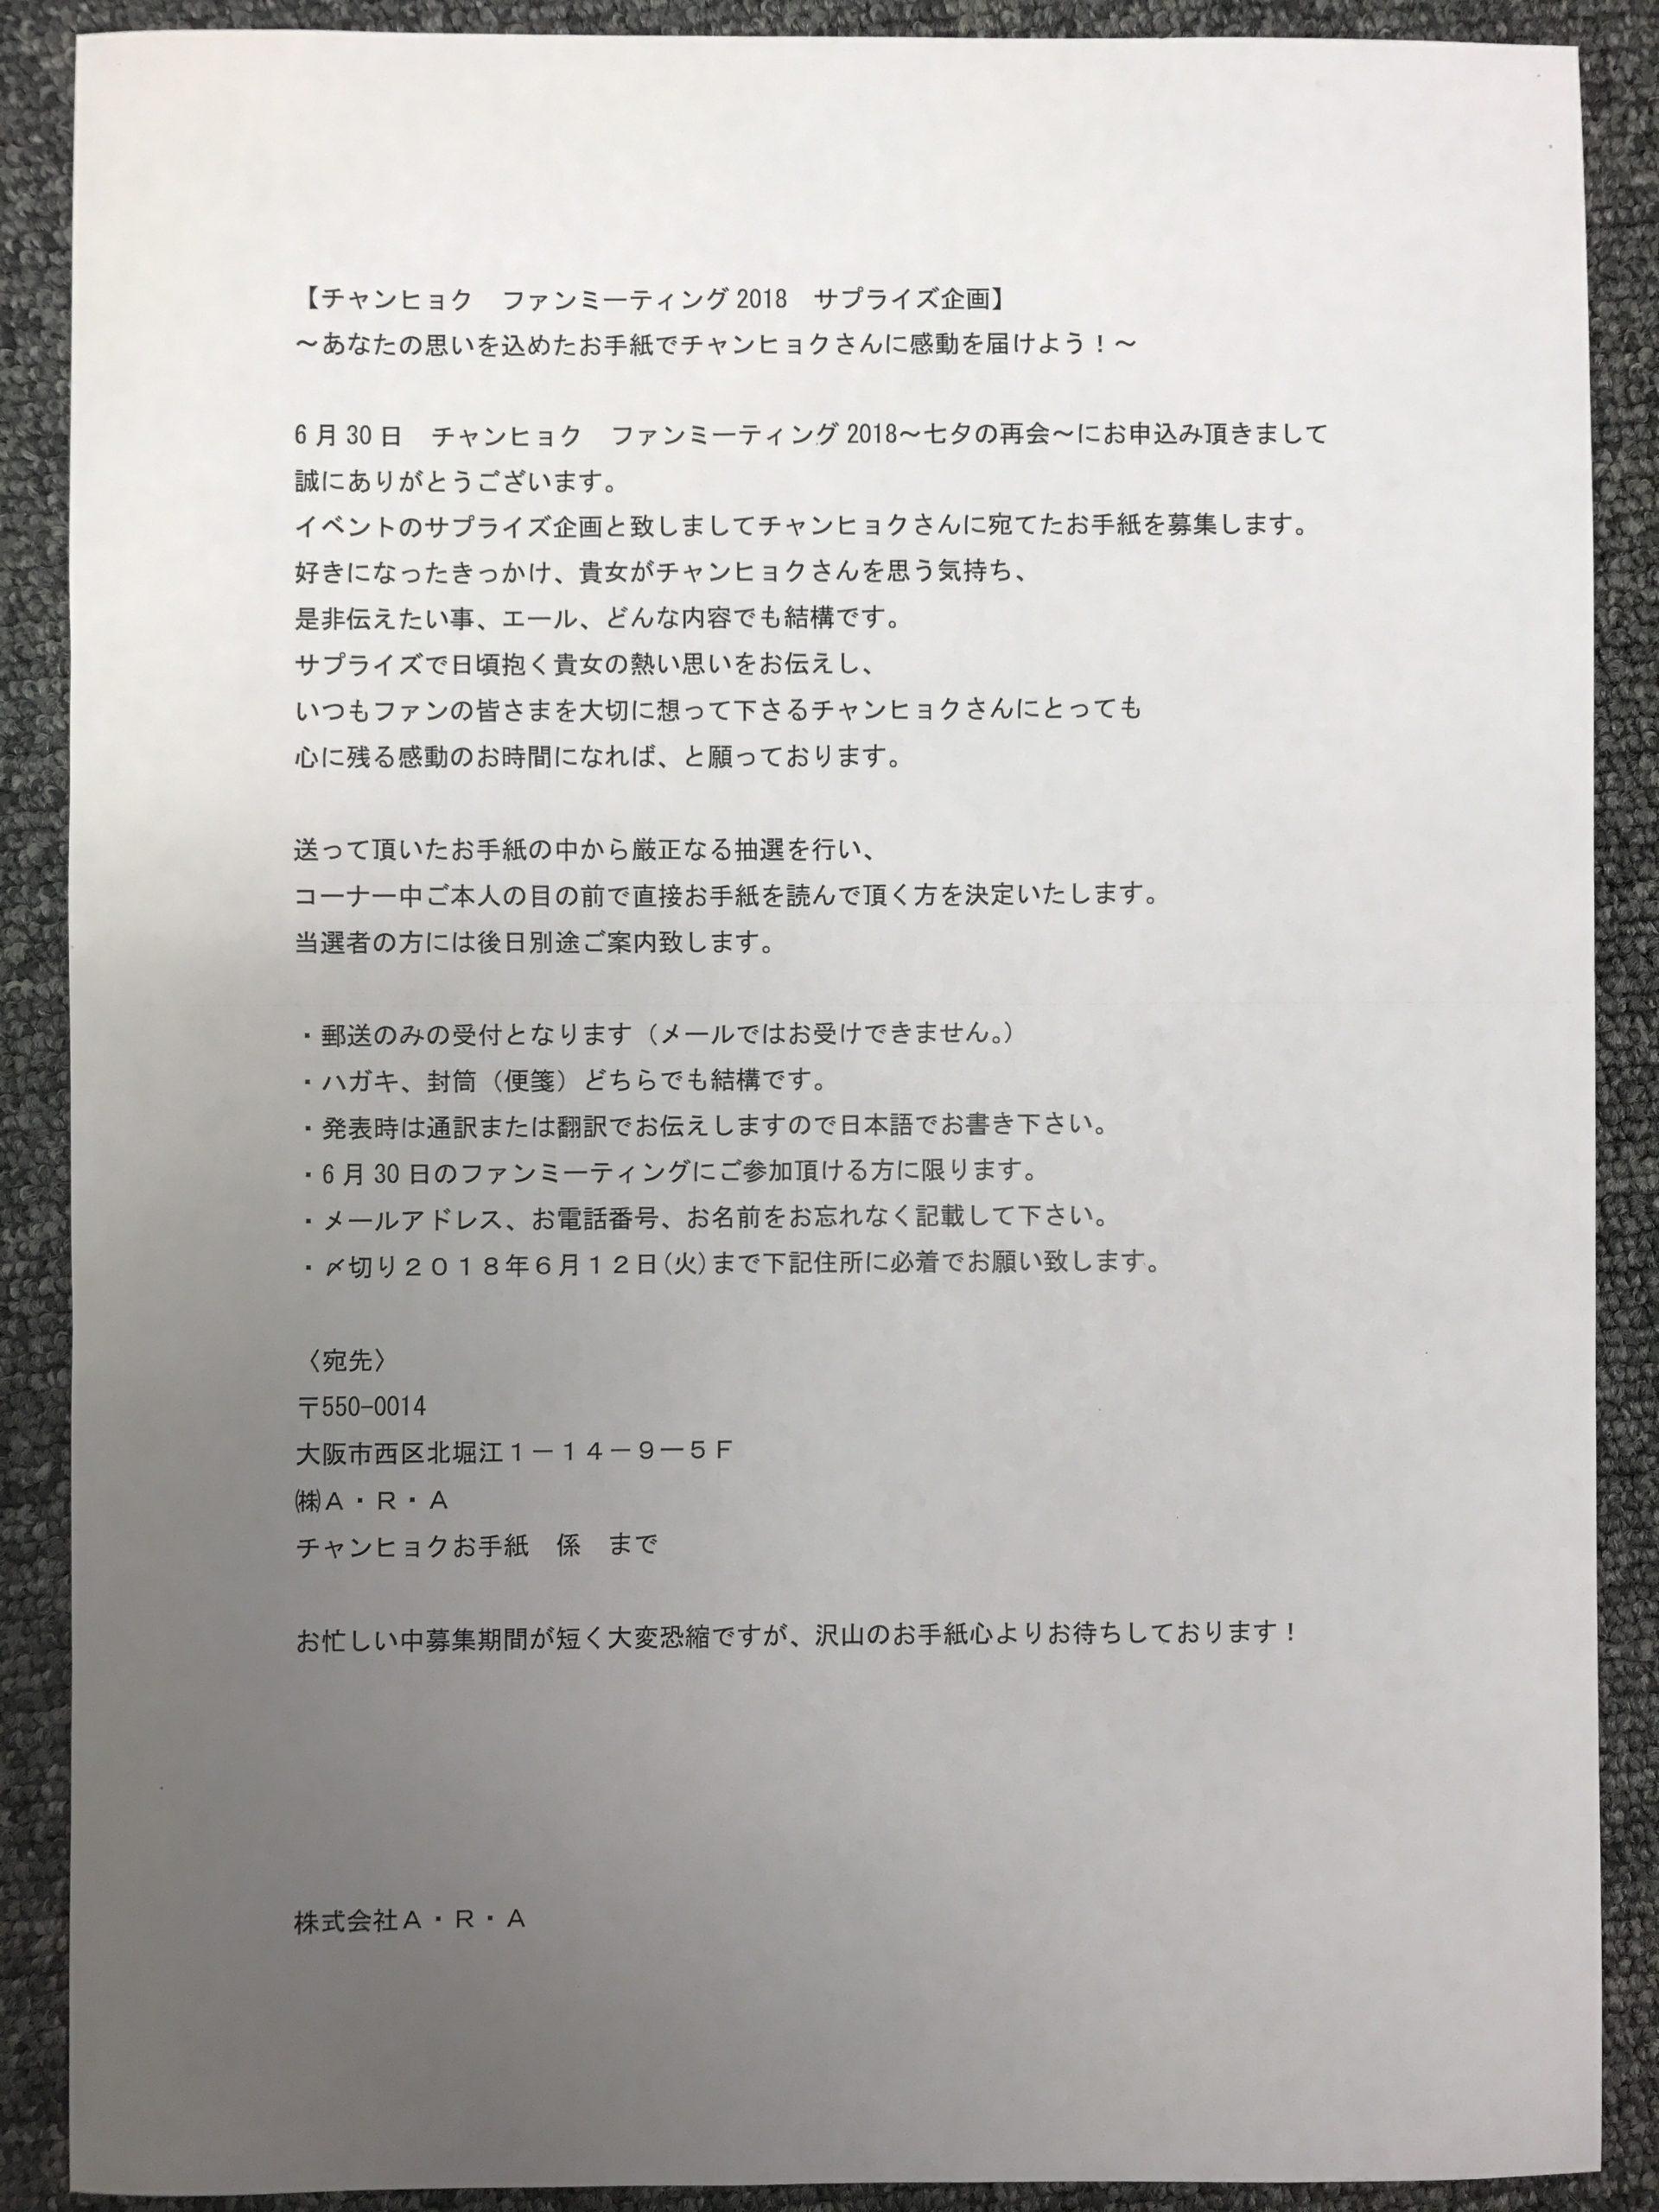 チャンヒョくファンミーティング2018 サプライズ企画